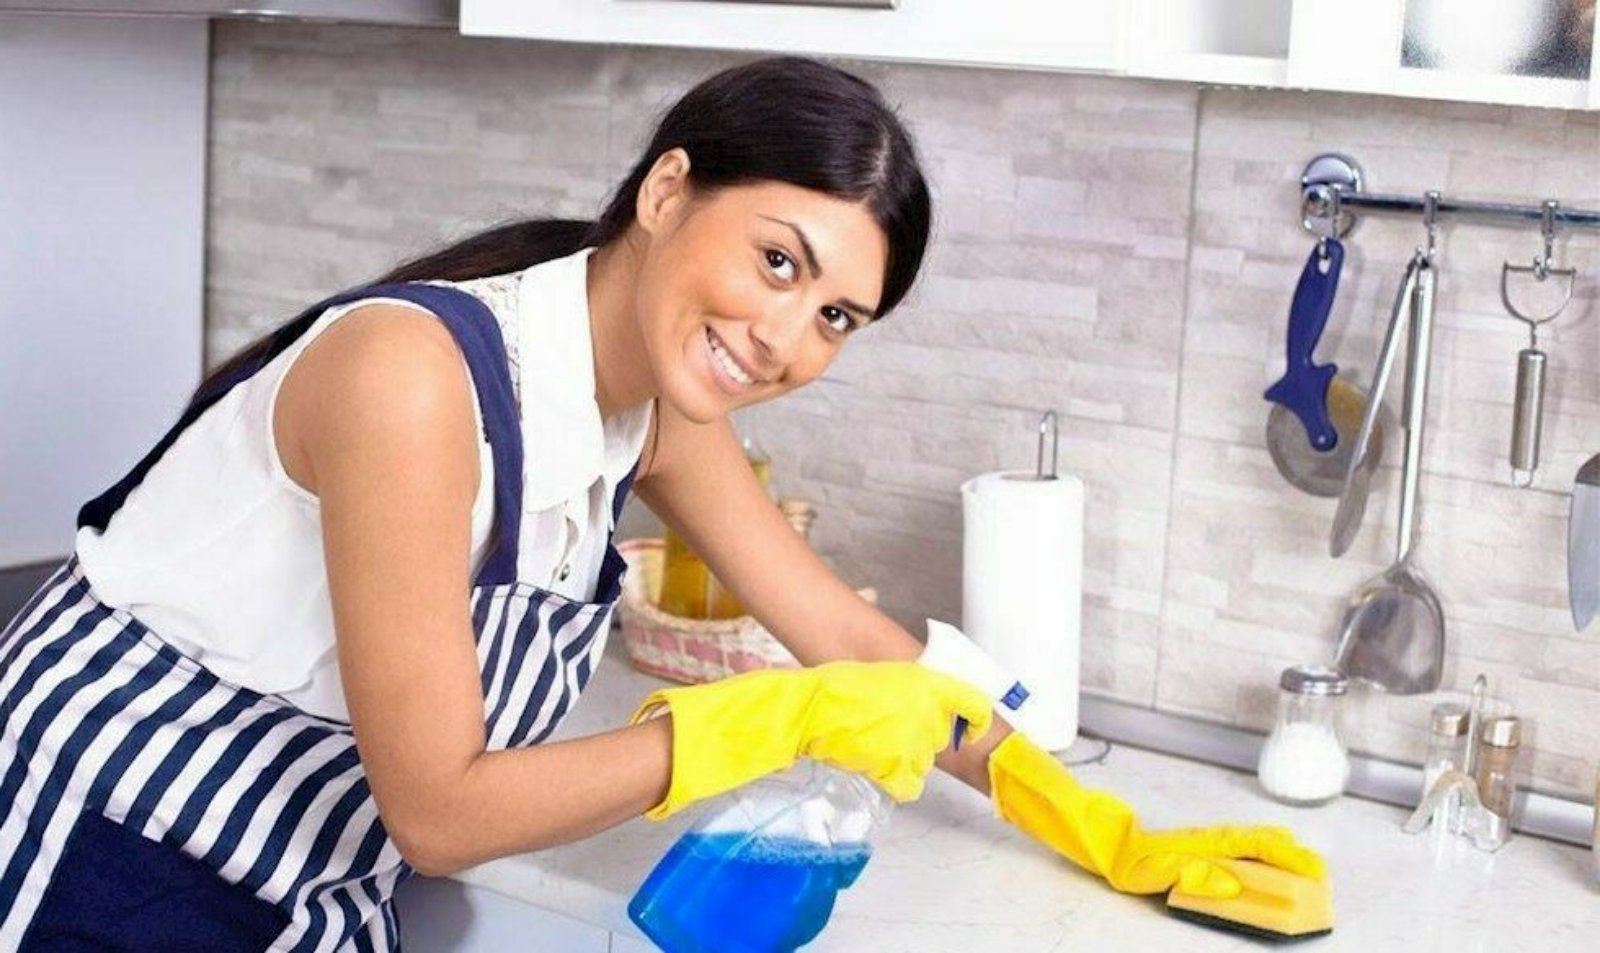 статика для вакансий 2 - Горничная домработница в семью